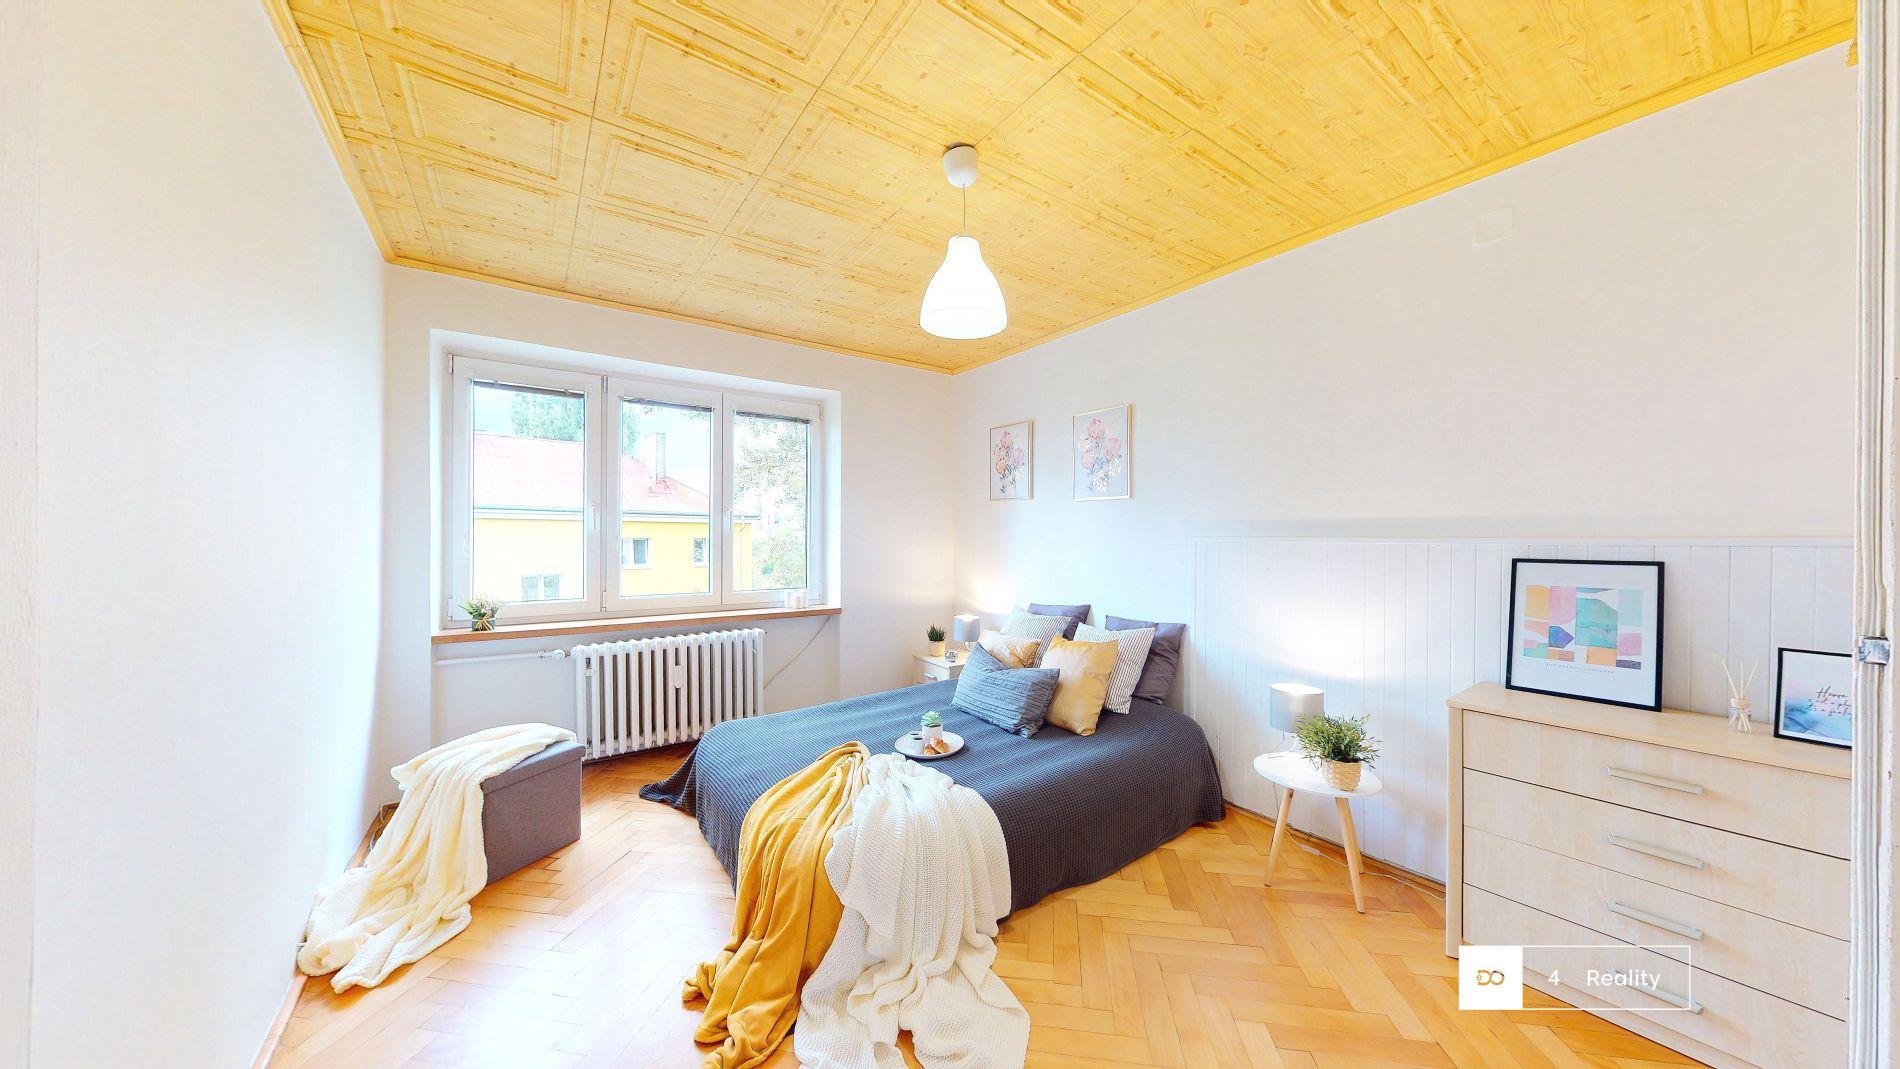 Prodej bytu 2+1 ve zděném domě - Praha, ul. Kbelská